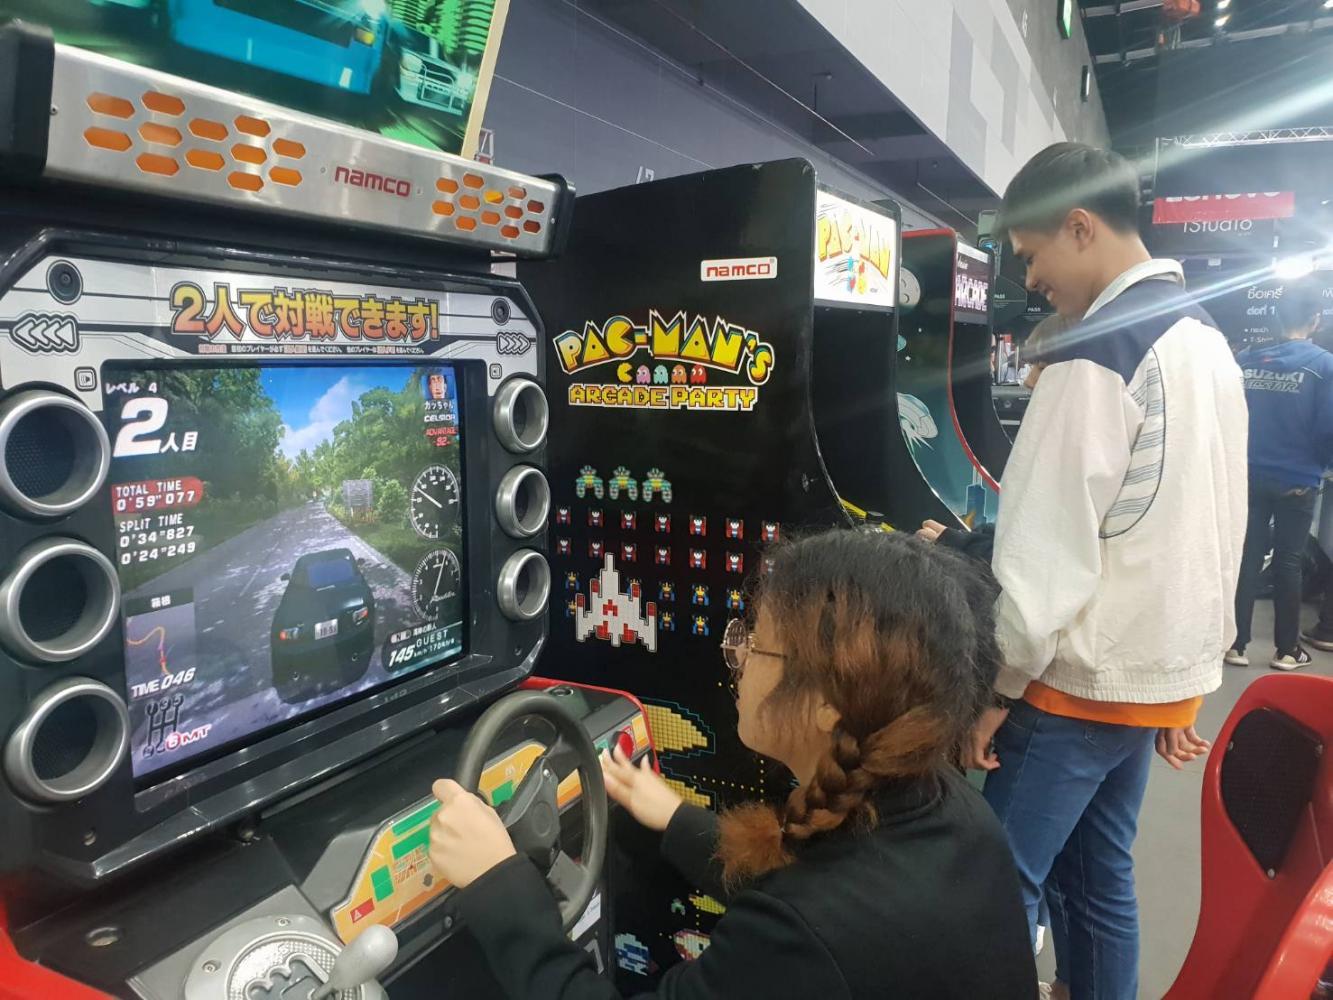 Retro games at Commart Thailand 2019.